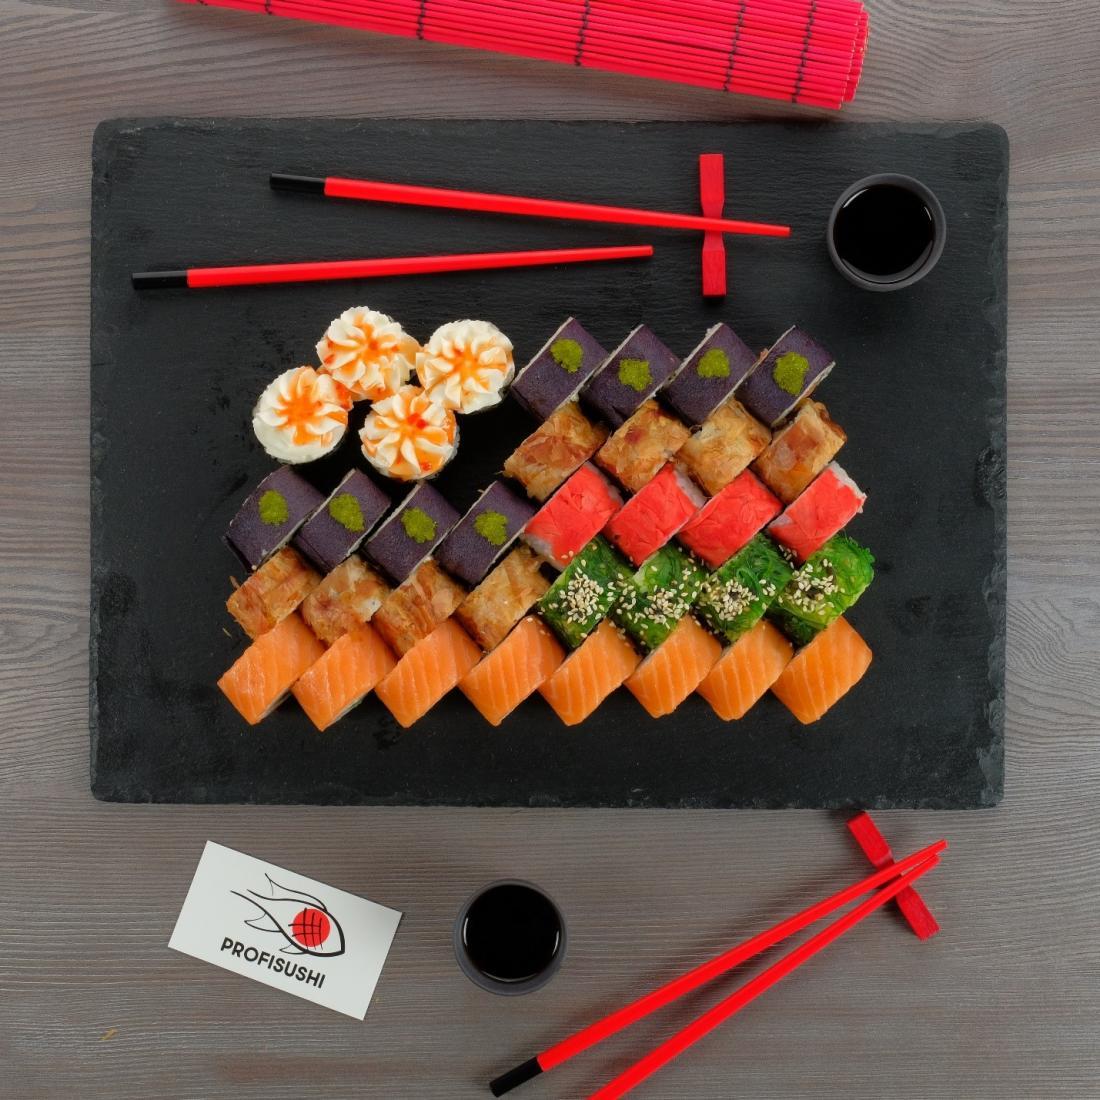 """Аппетитные суши-сеты от службы доставки """"Profisushi"""" всего от 18,90 руб."""